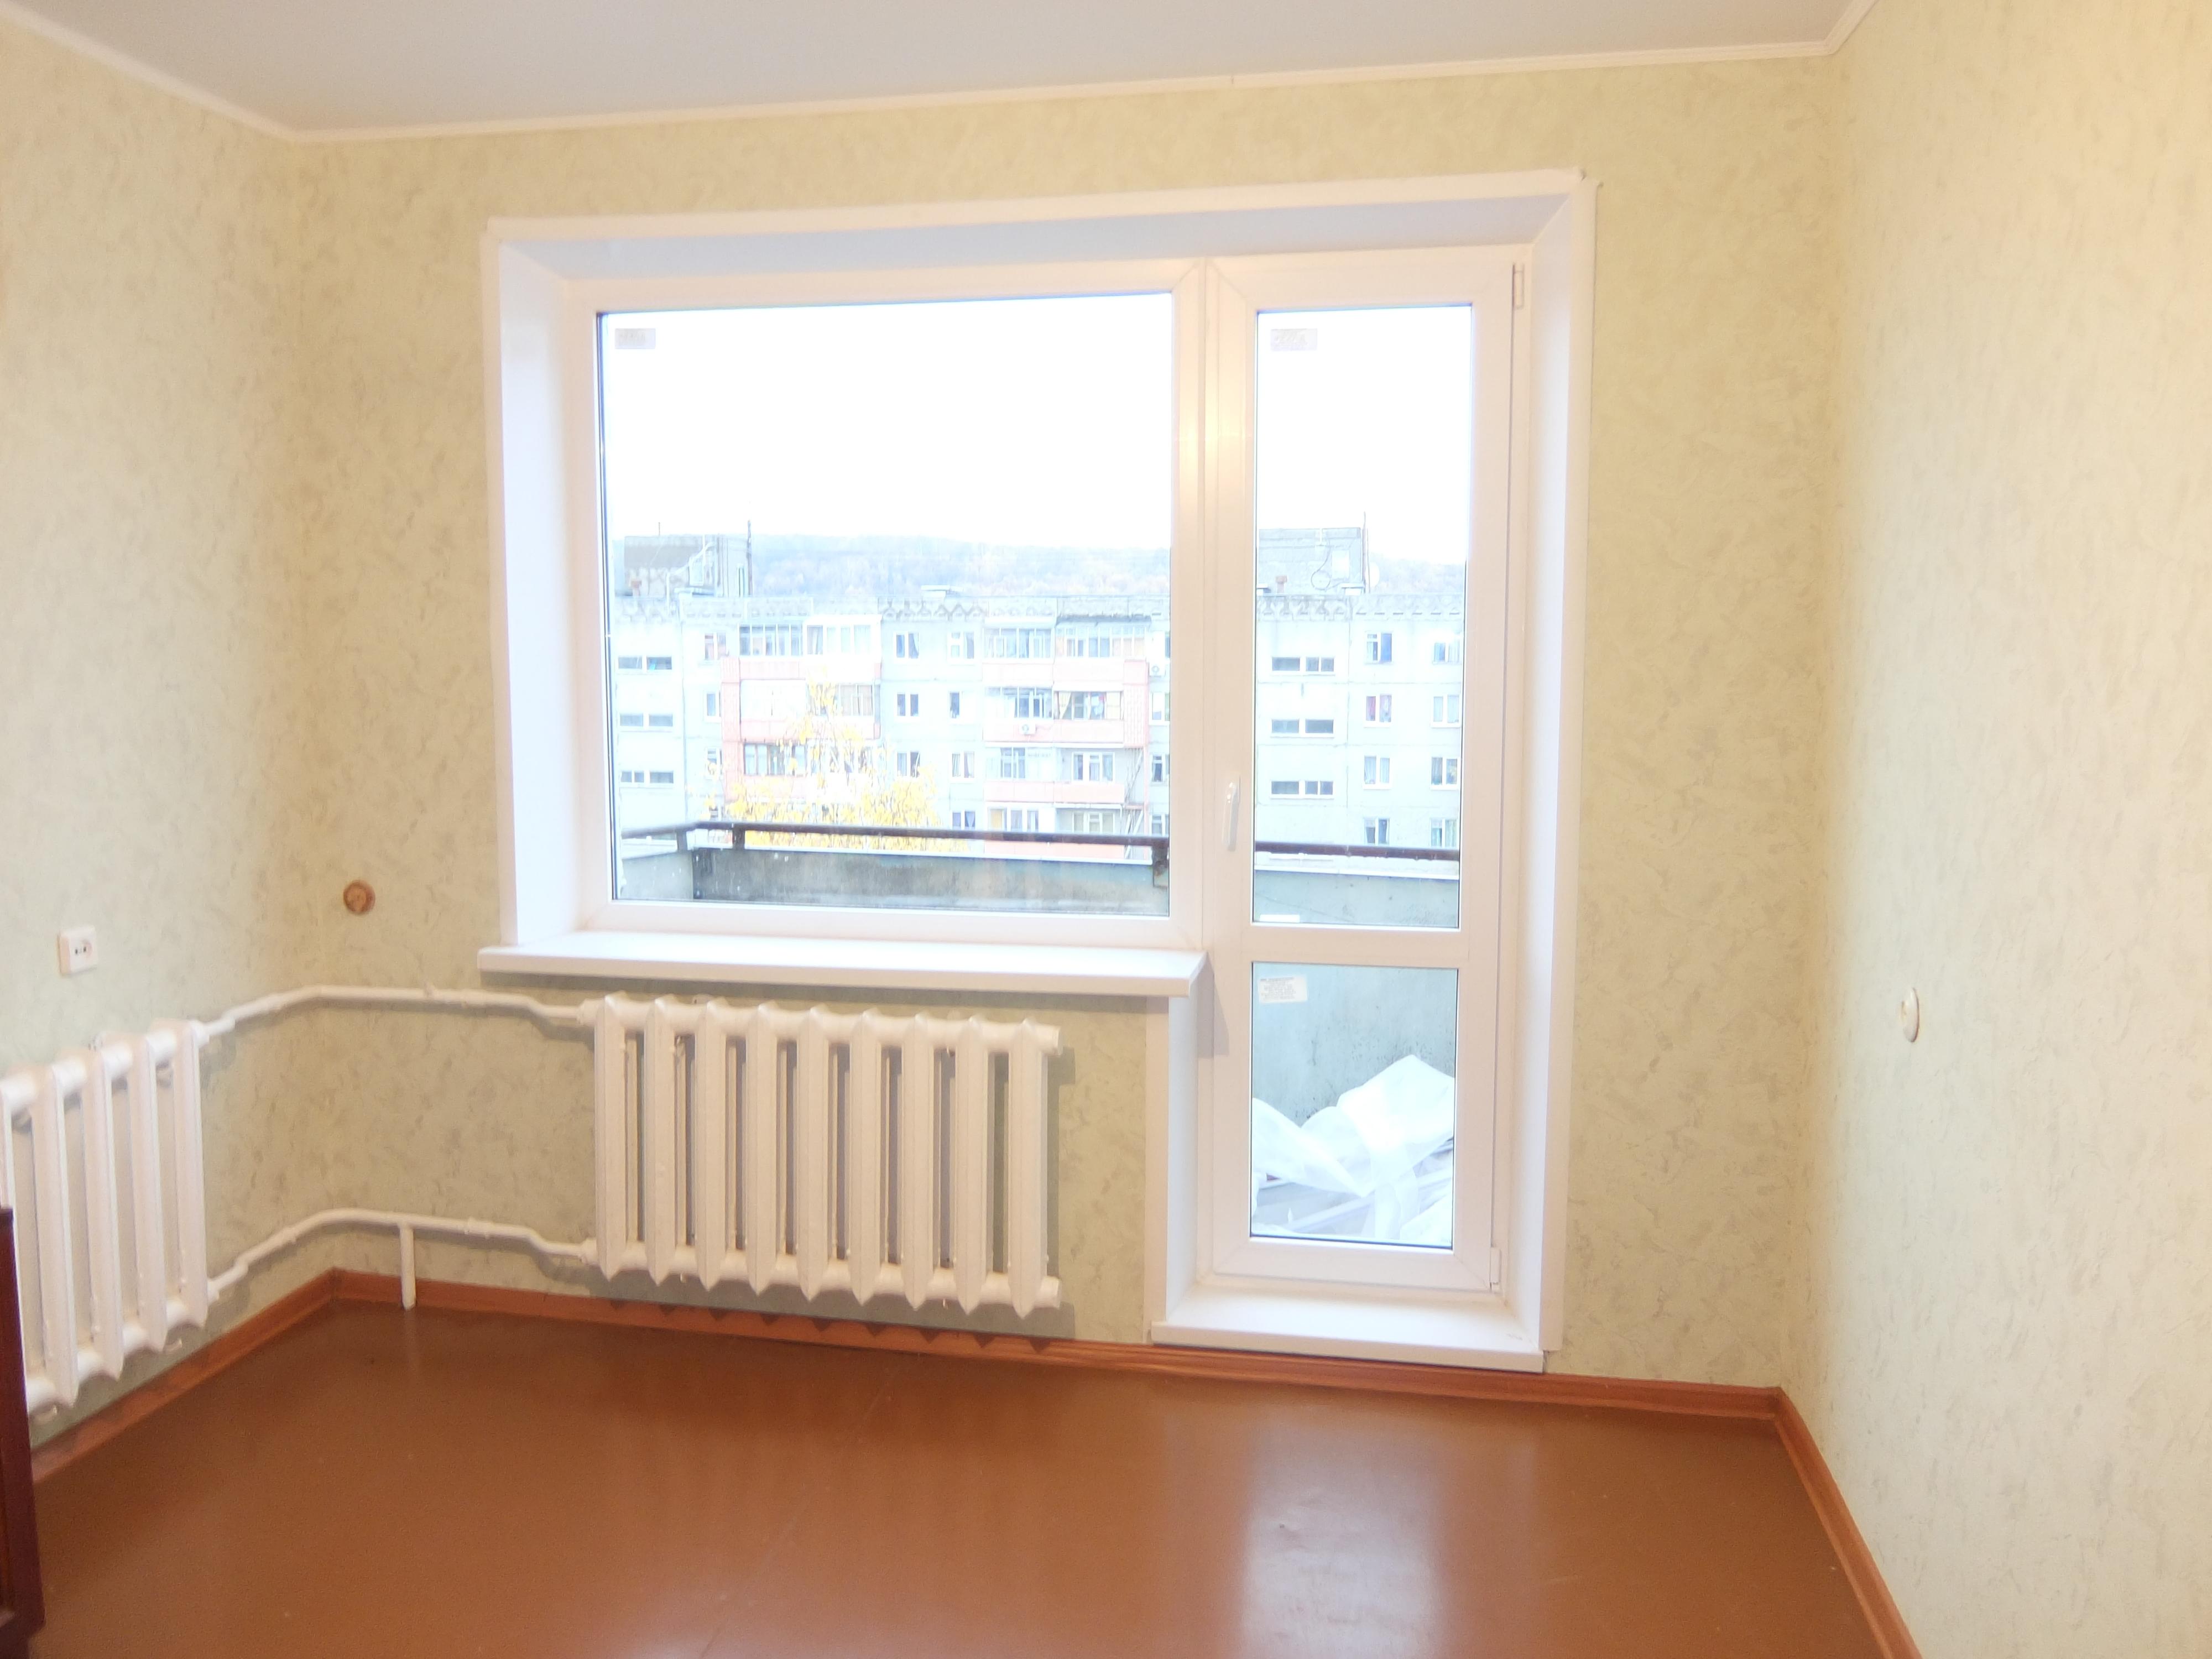 Продам 1-комнатную квартиру в Уфе